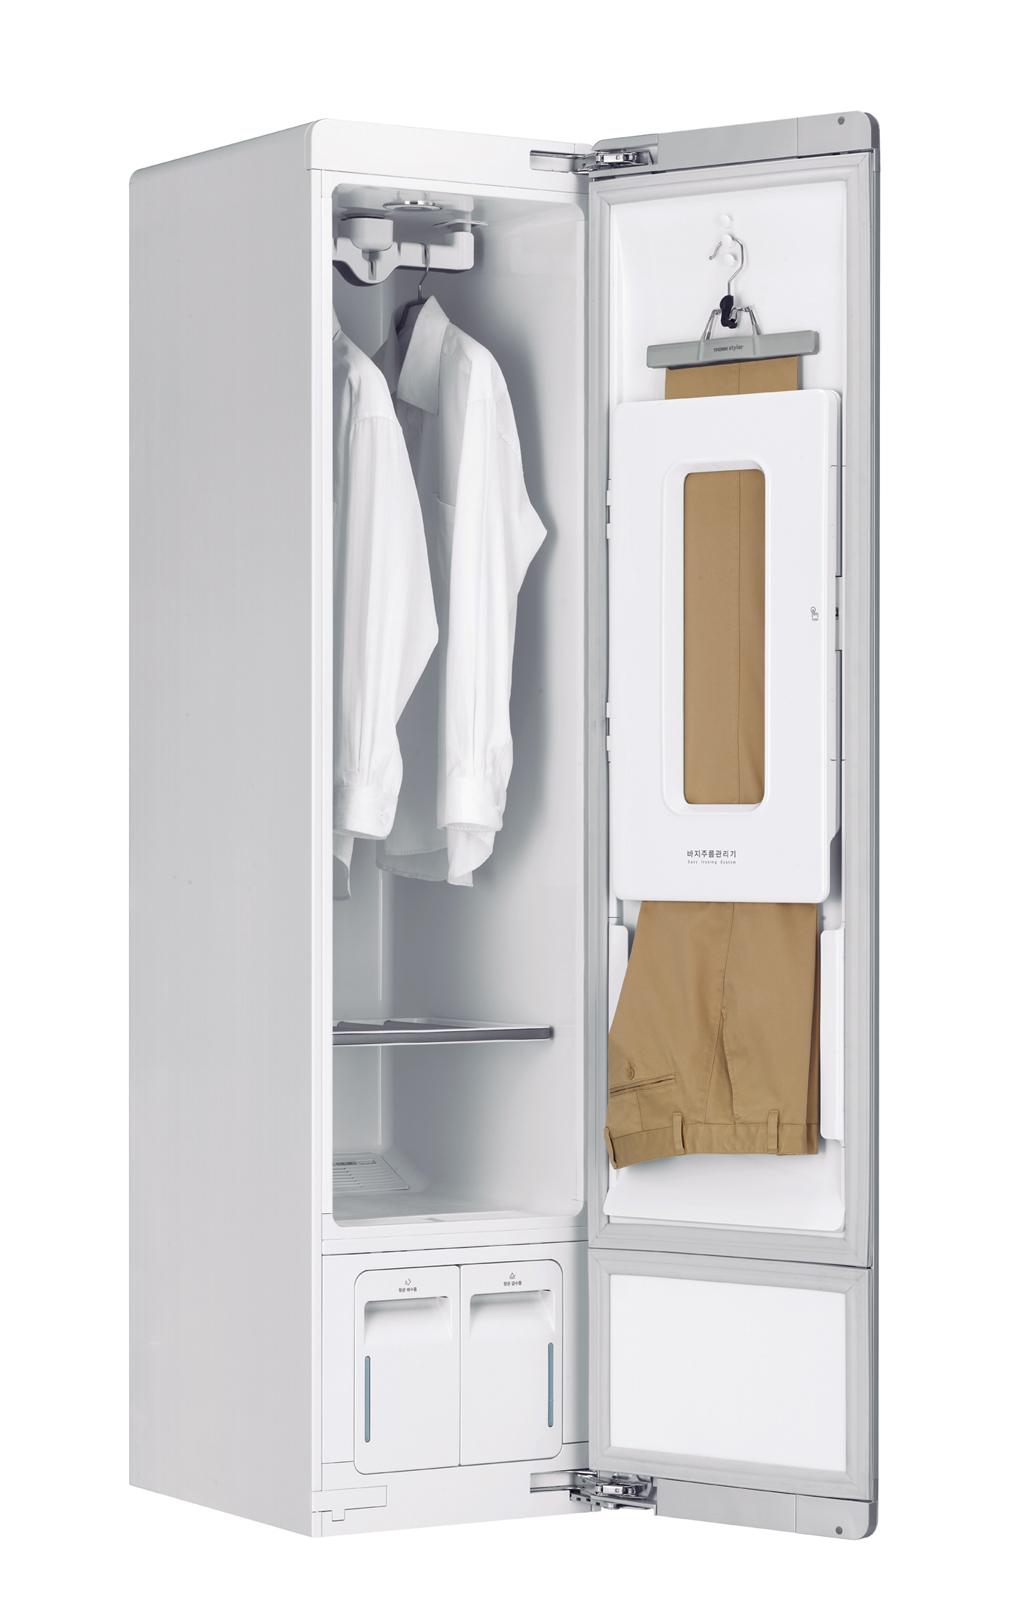 ↑ ドア側でズボンの折り目ケアが可能。シワを取りつつ、クリース(折り目)は残せる